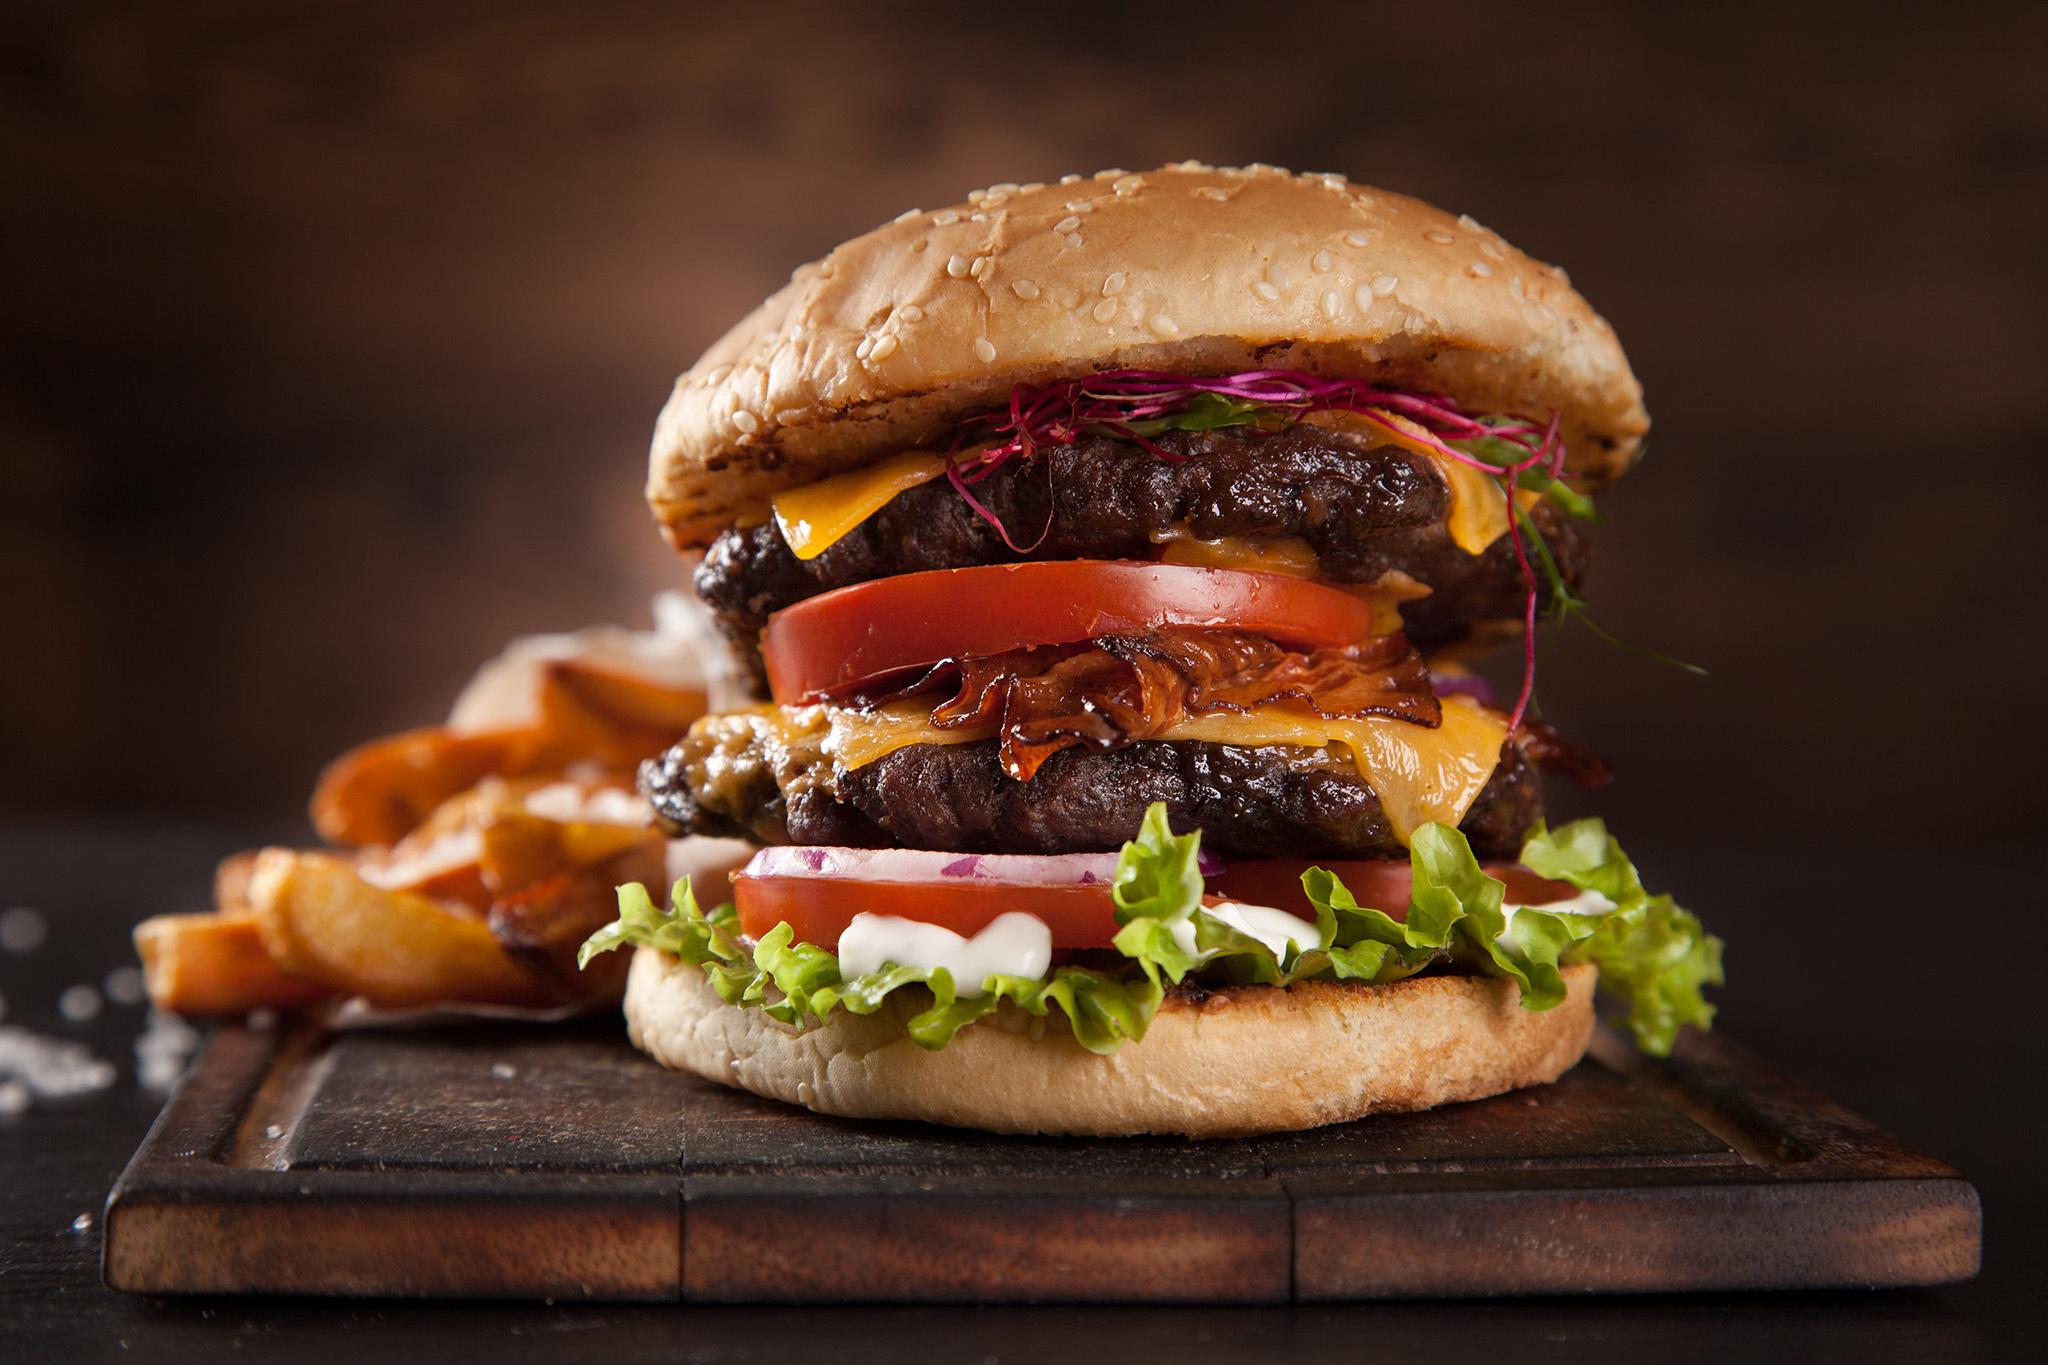 dubble non veg burger